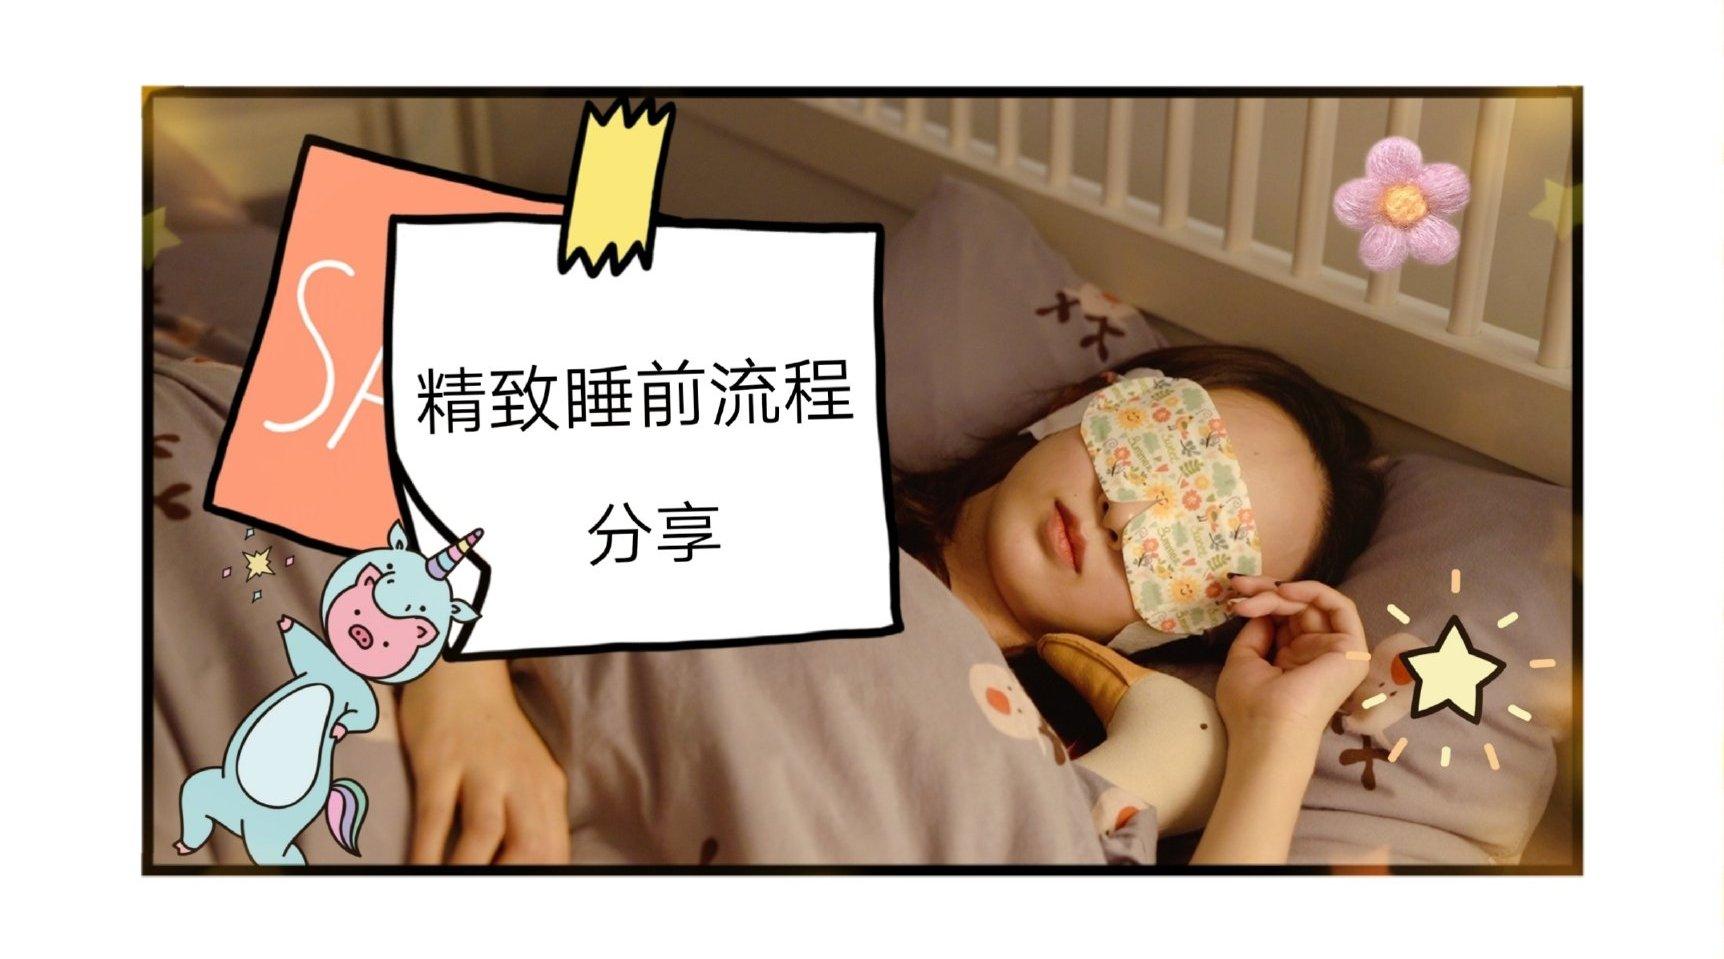 我精致的睡前抽屉马上要过春节了 大家都准备好去哪过新年呢